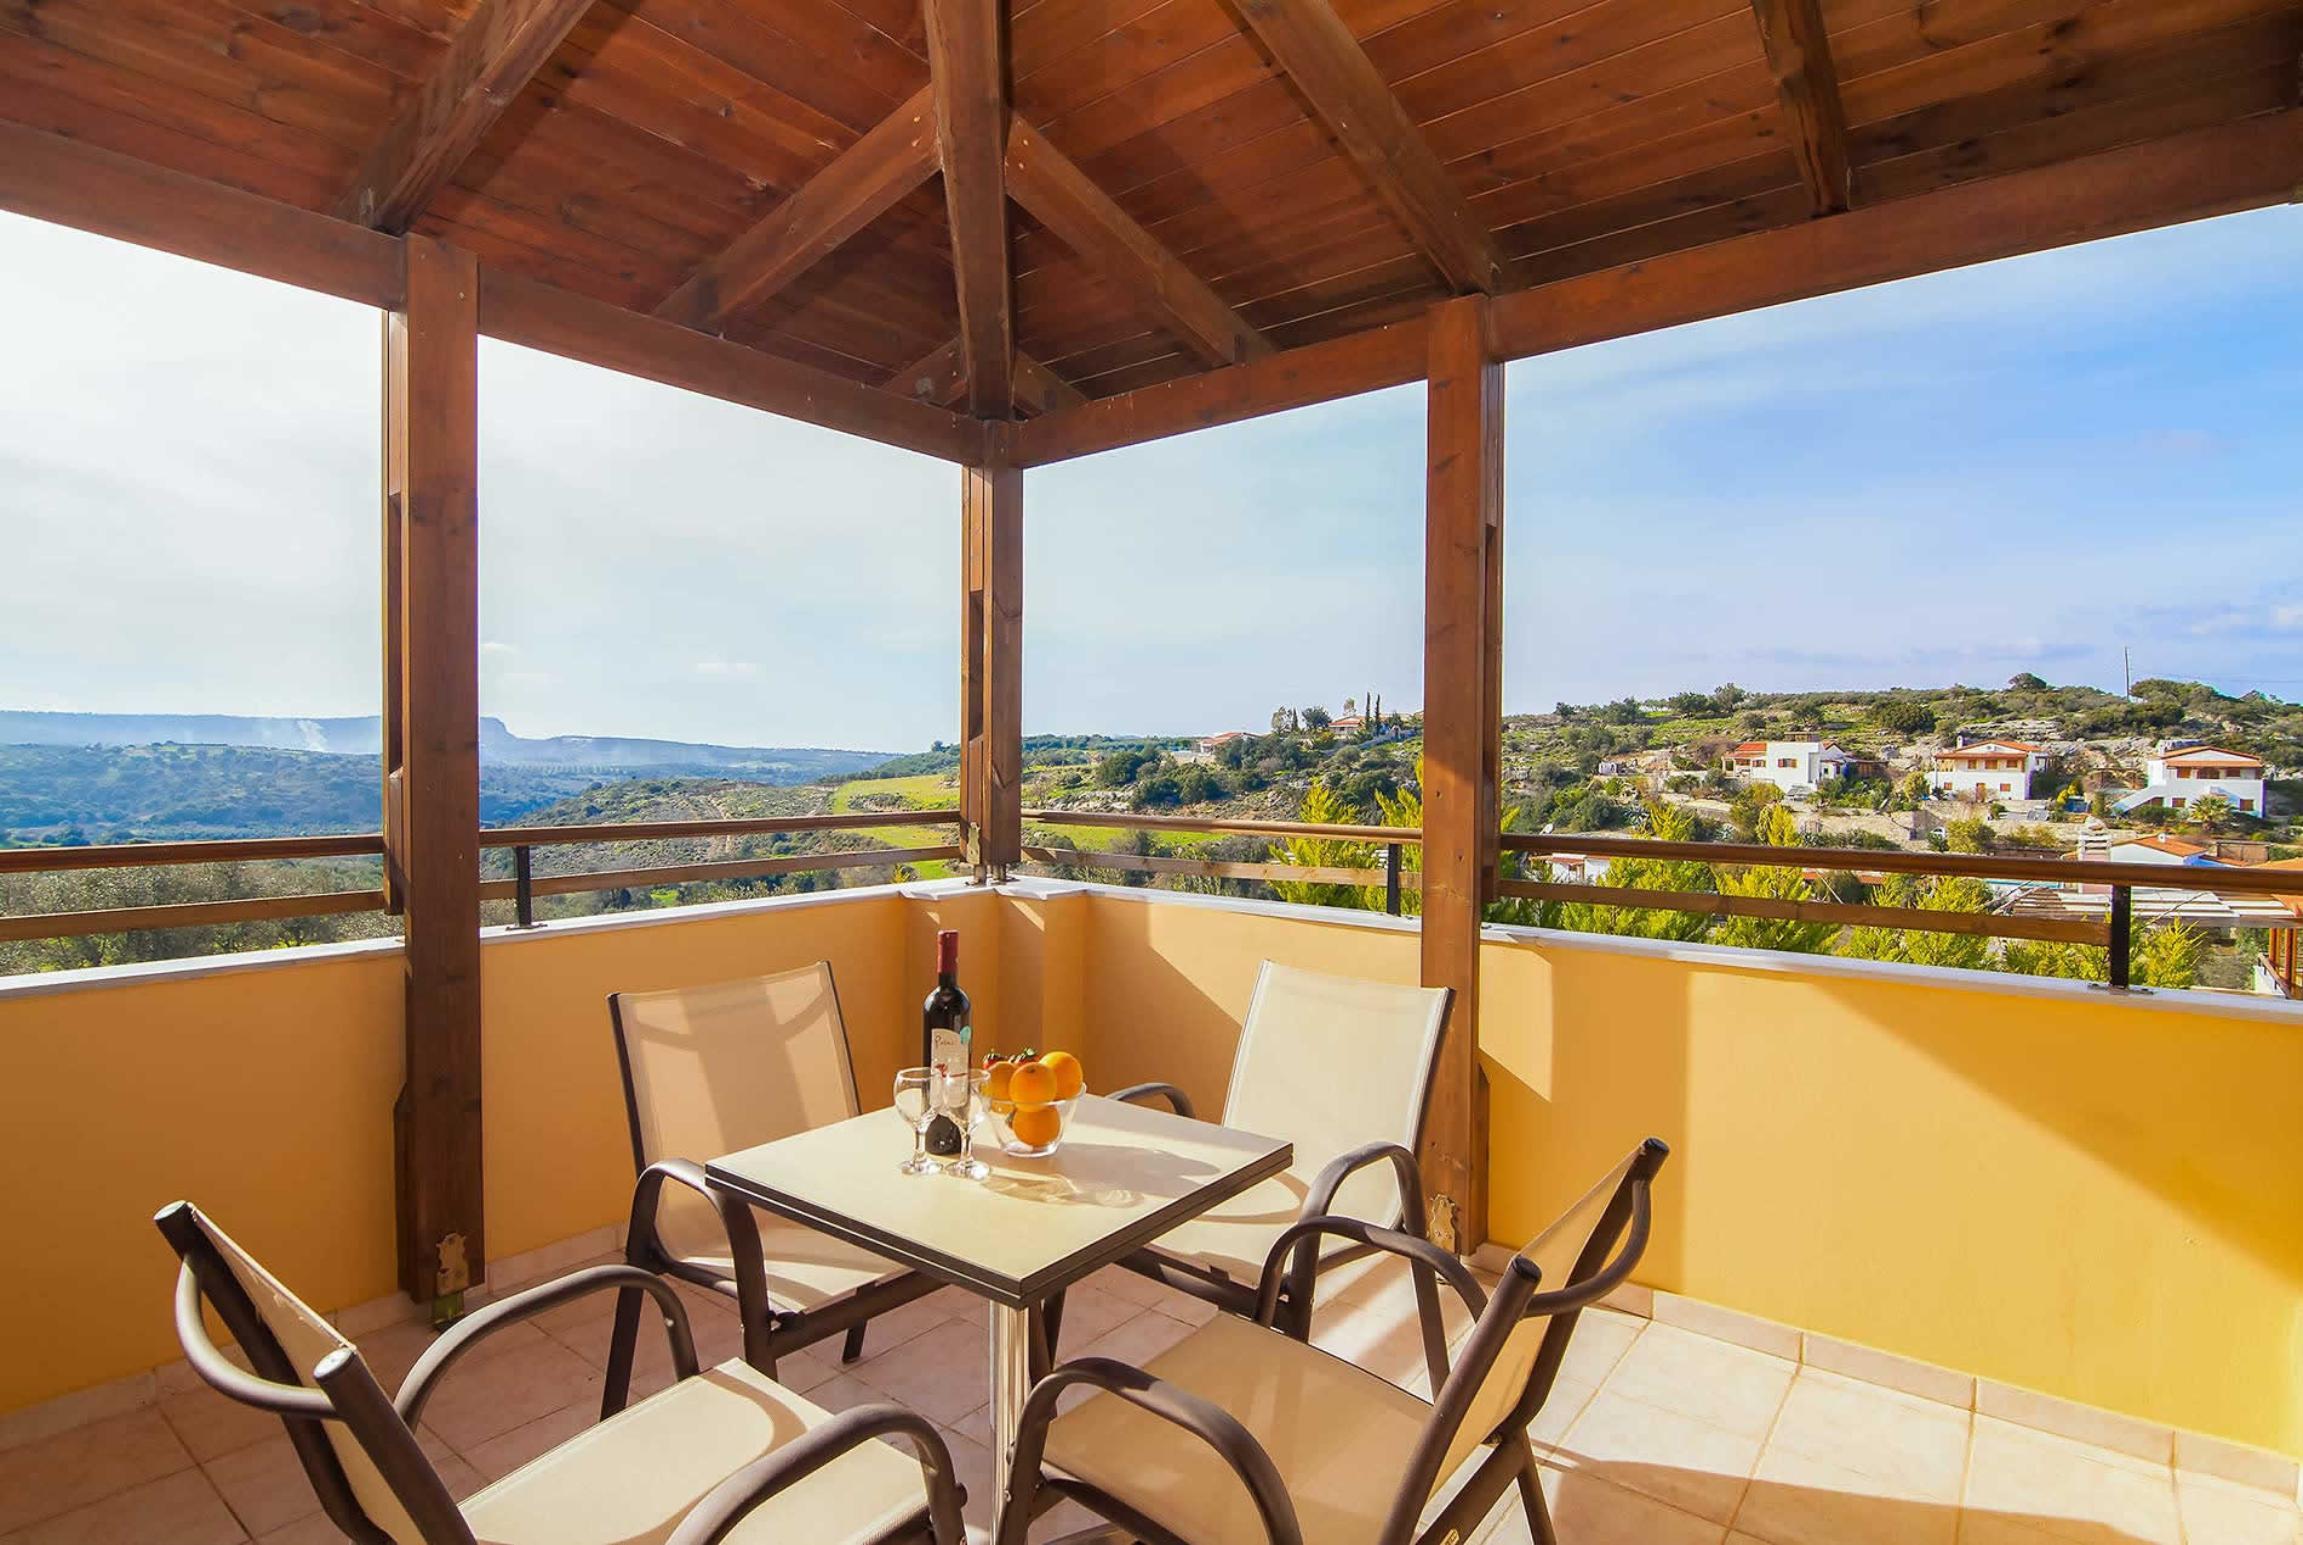 Ferienhaus Pelagia (2653855), Roumeli, Kreta Nordküste, Kreta, Griechenland, Bild 23